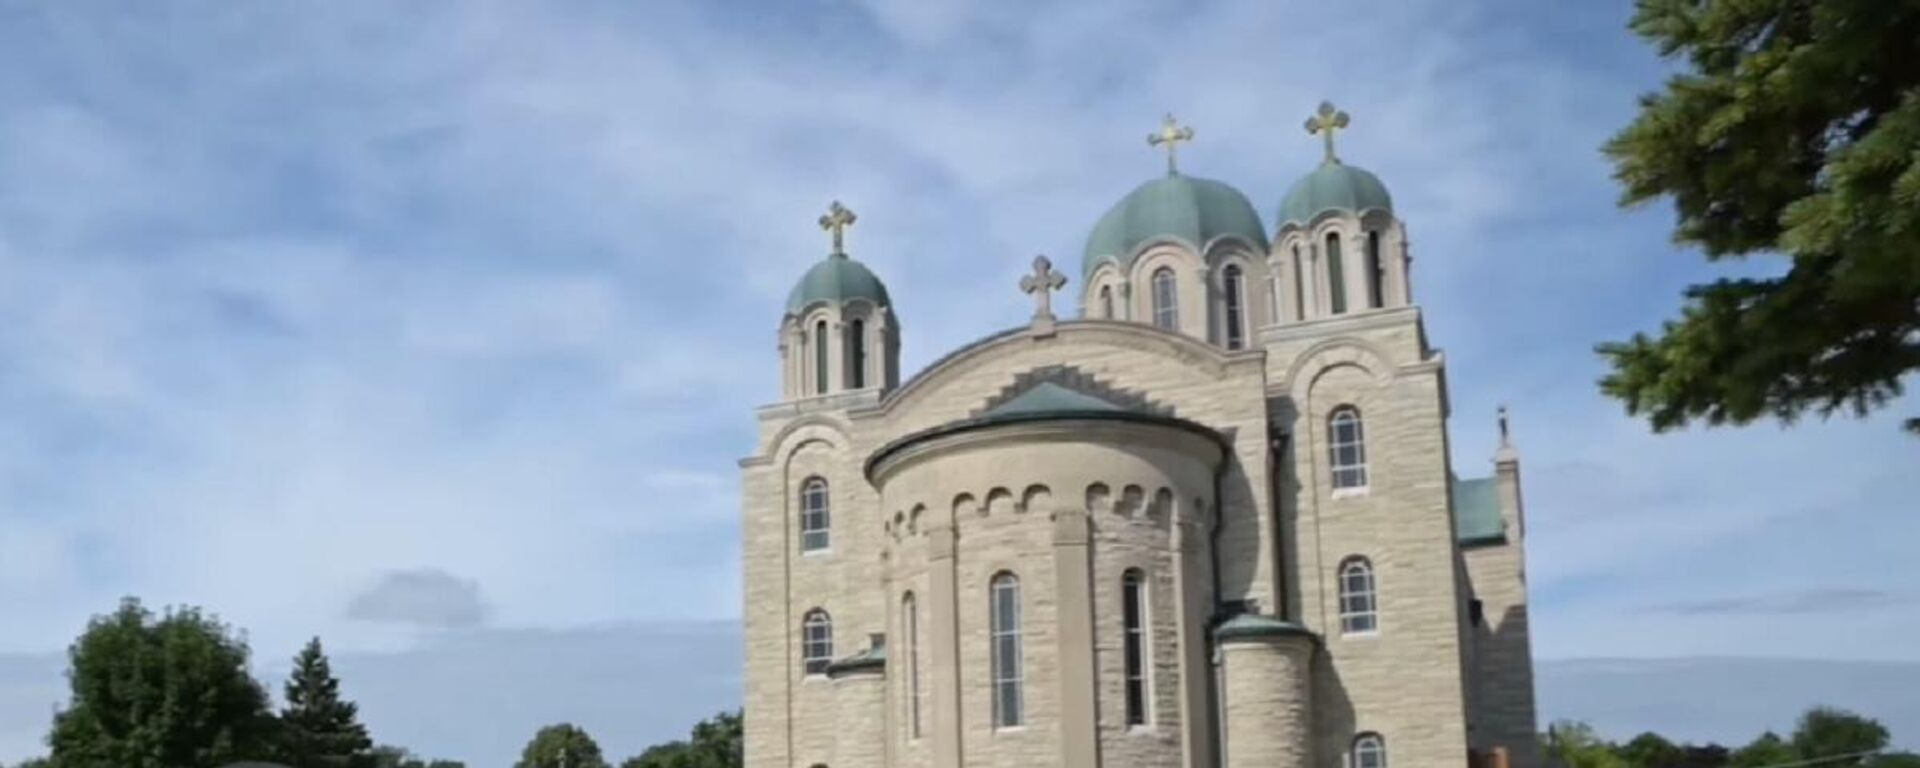 Crkva Svetog Save u Milvokiju - Sputnik Srbija, 1920, 21.07.2021